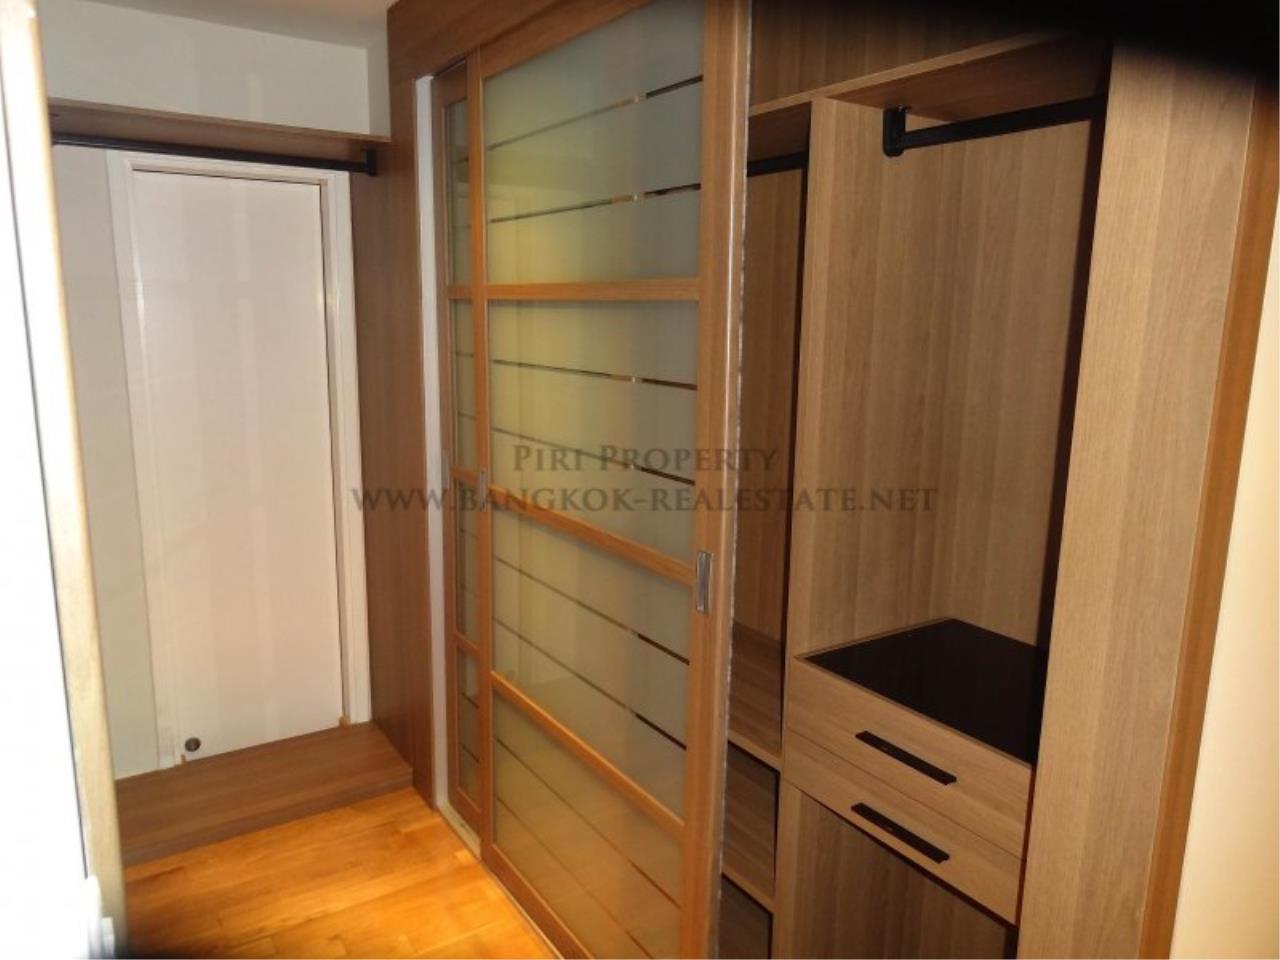 Piri Property Agency's Duplex Condo in the Emporio Place Condominium - Phrom Phong 8